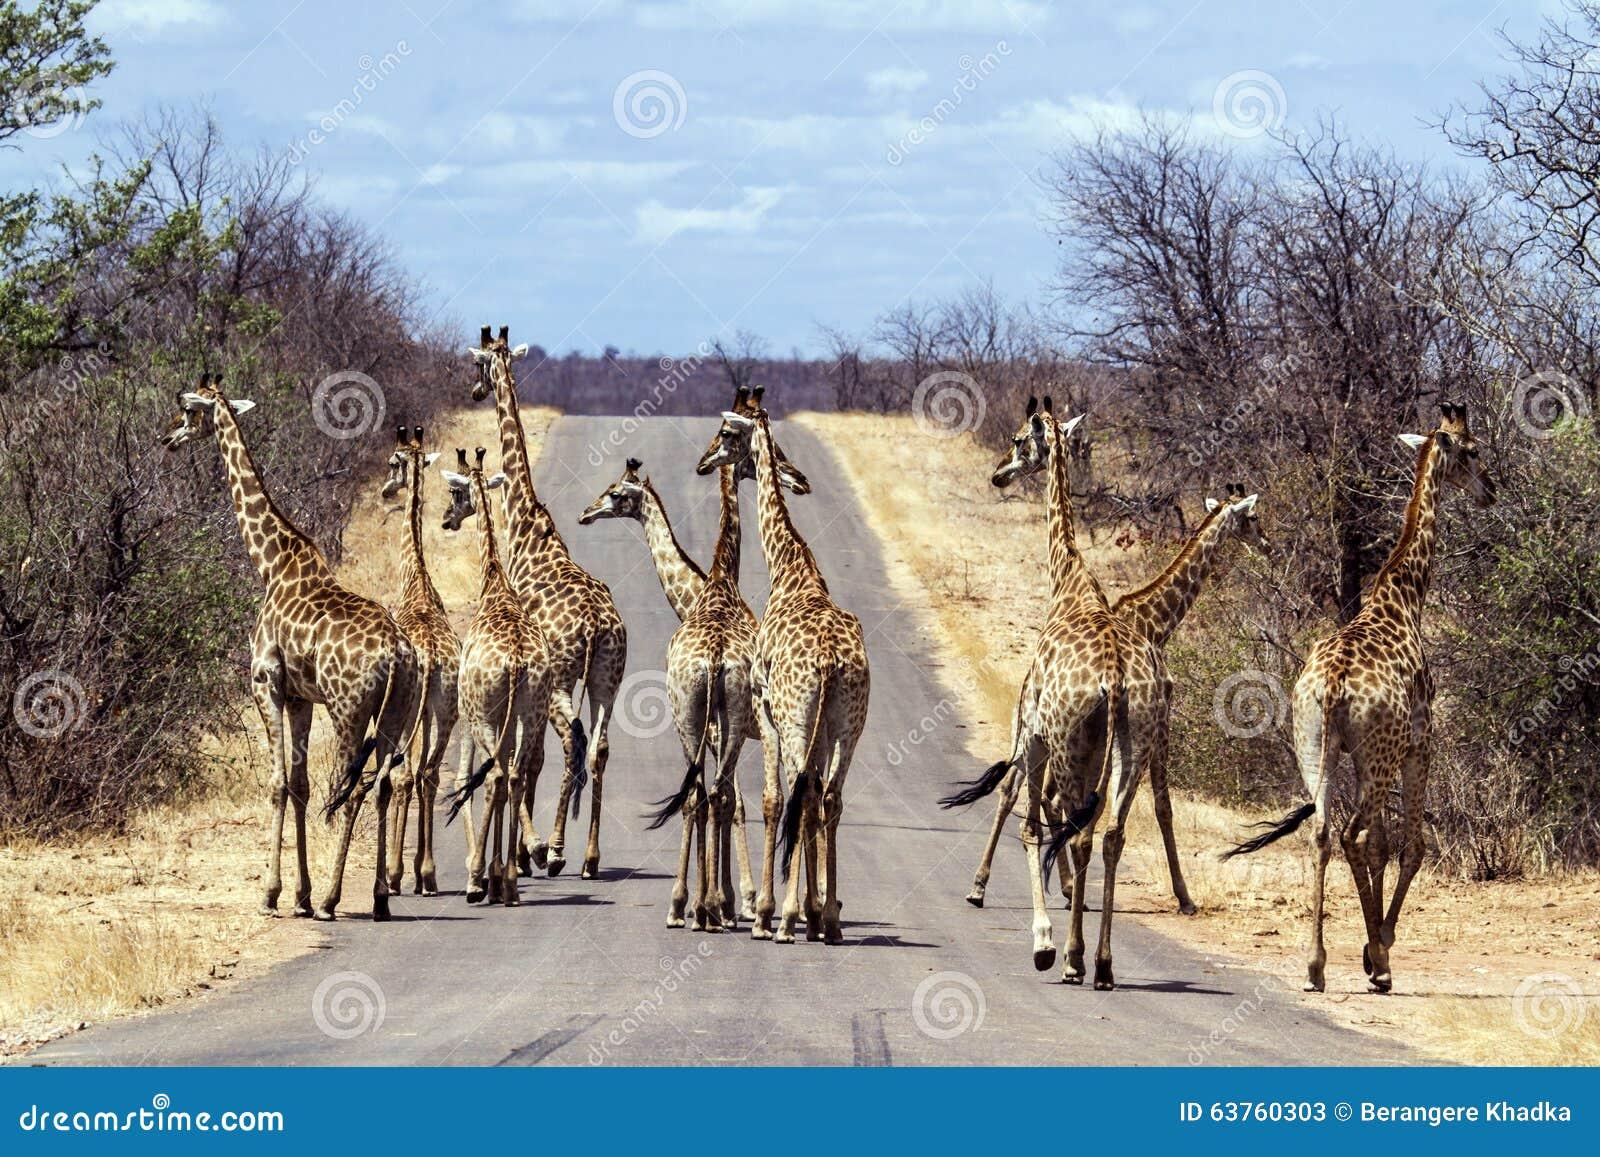 Μεγάλη ομάδα Giraffes στο εθνικό πάρκο Kruger, Νότια Αφρική